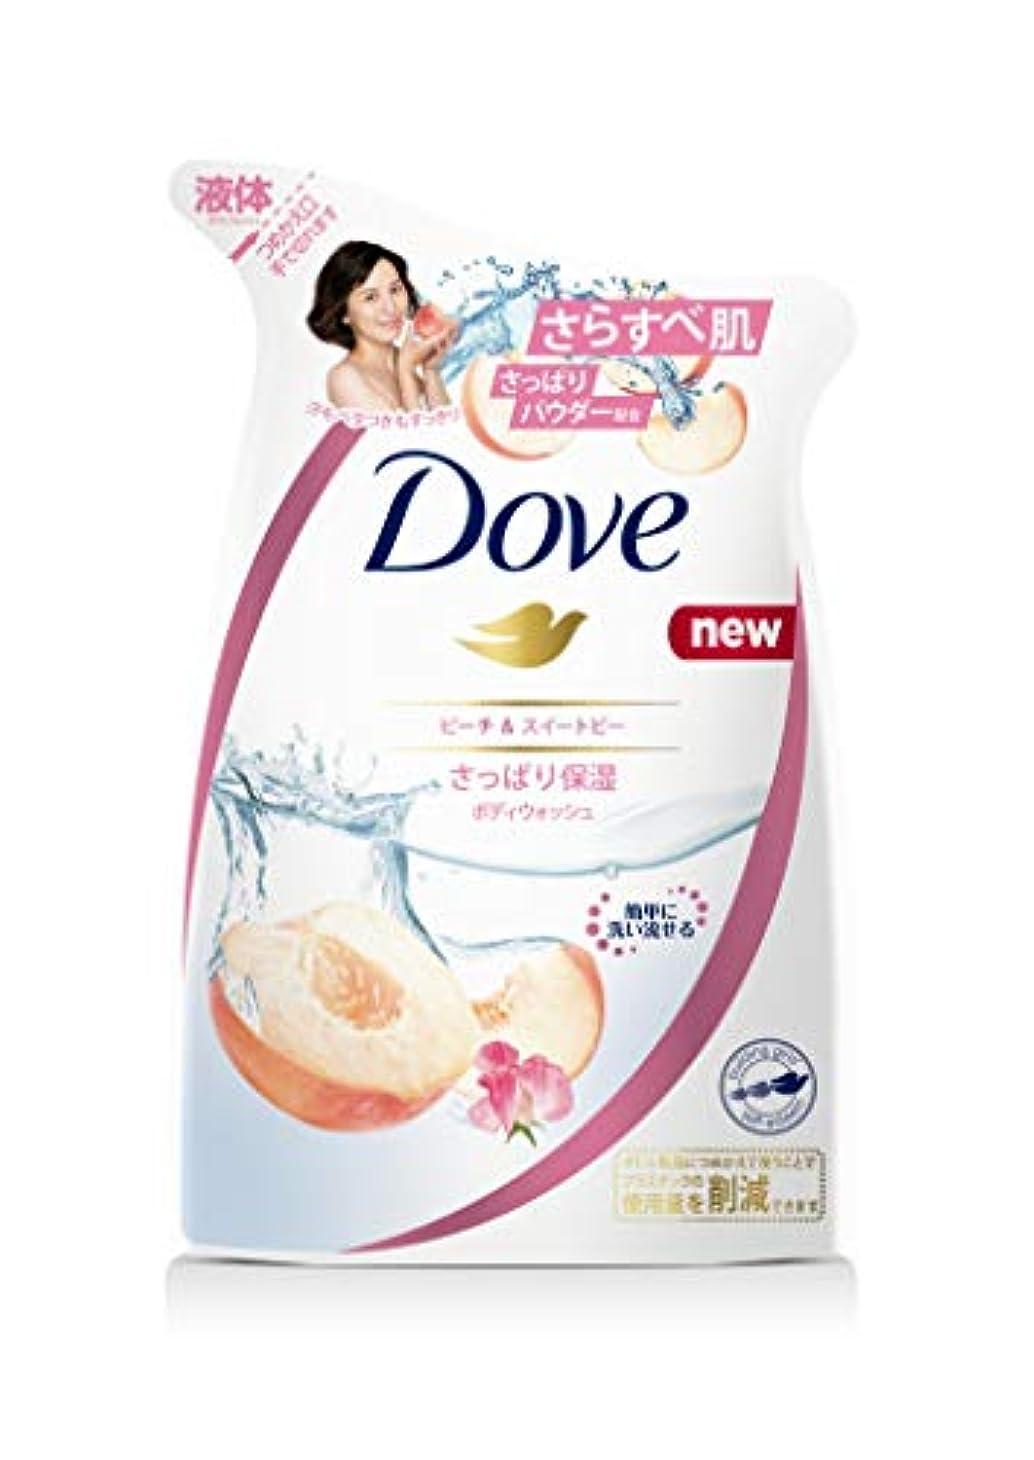 課す分析的生産的Dove ダヴ ボディウォッシュ ピーチ & スイートピー つめかえ用 360g